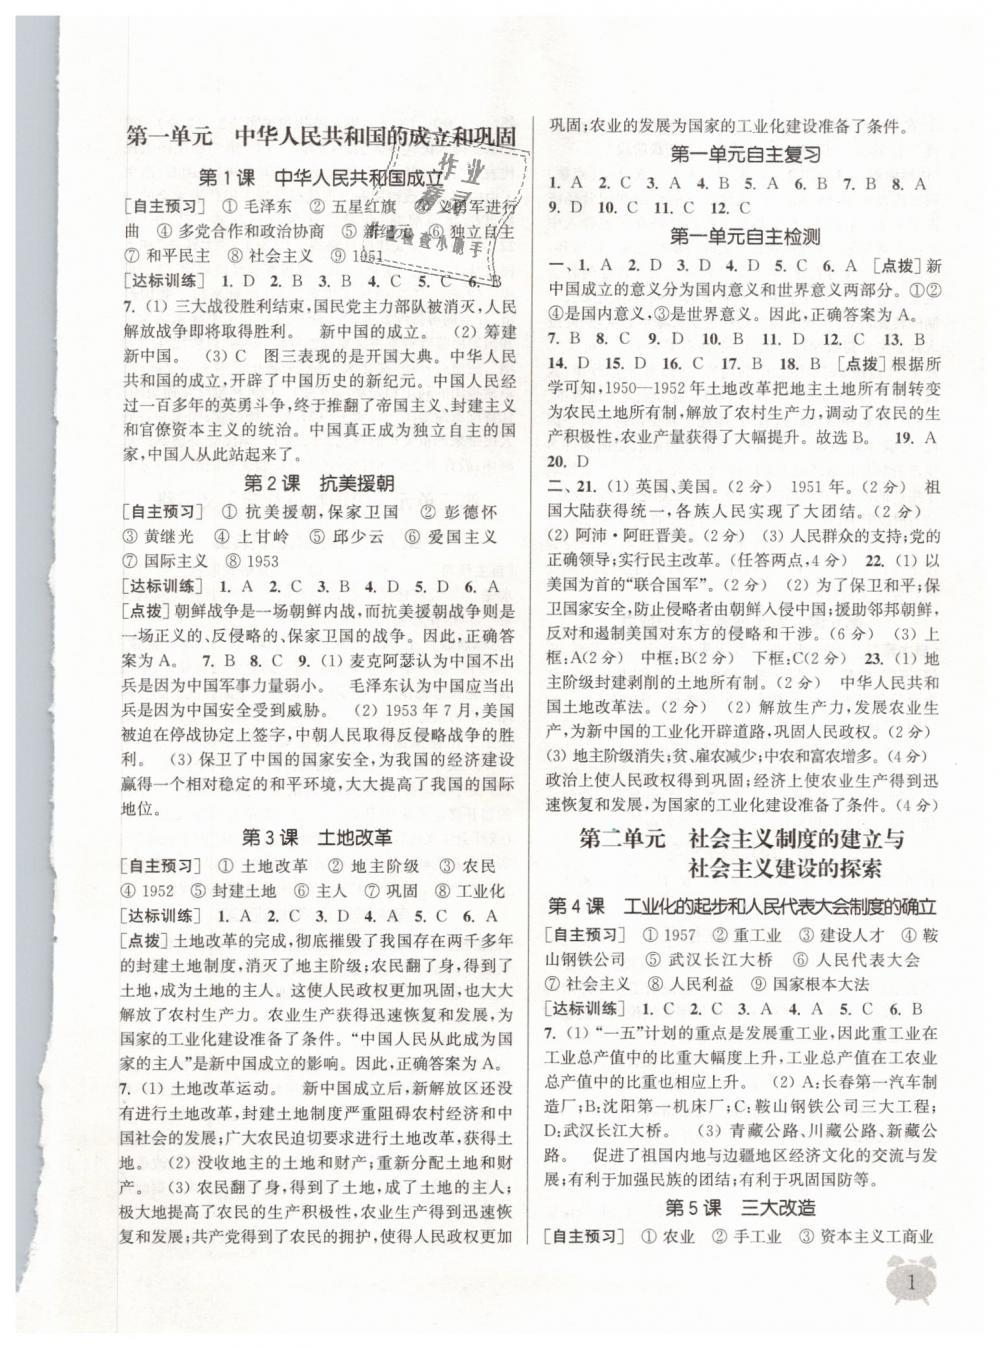 2019年通城学典课时作业本八年级历史下册人教版第1页